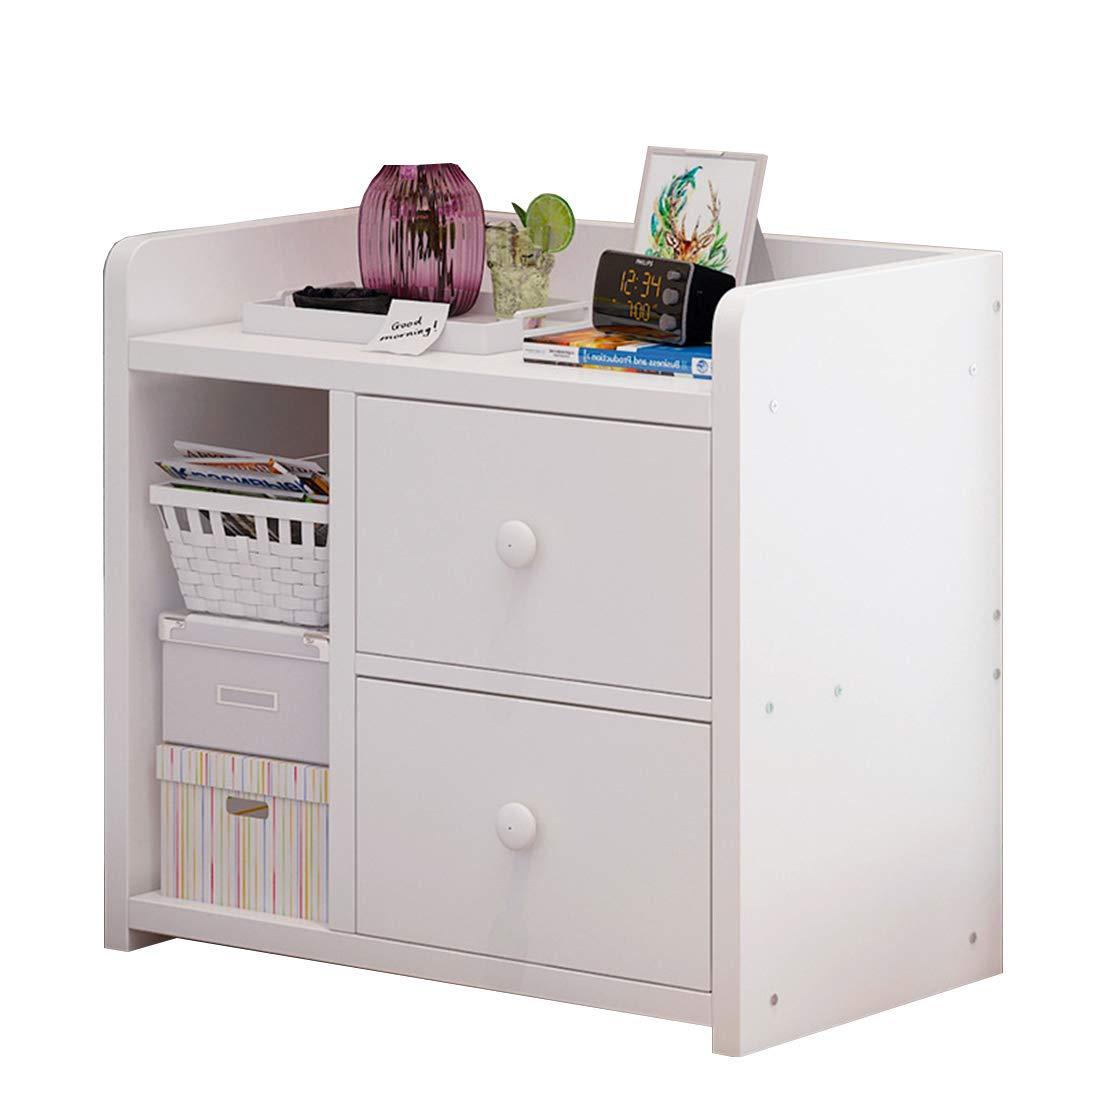 Tnosky Modern Aus Holz Nachttisch Einfach Mini Mit Schublade Schließfach Wohnzimmer Schlafzimmer Nachttisch,C